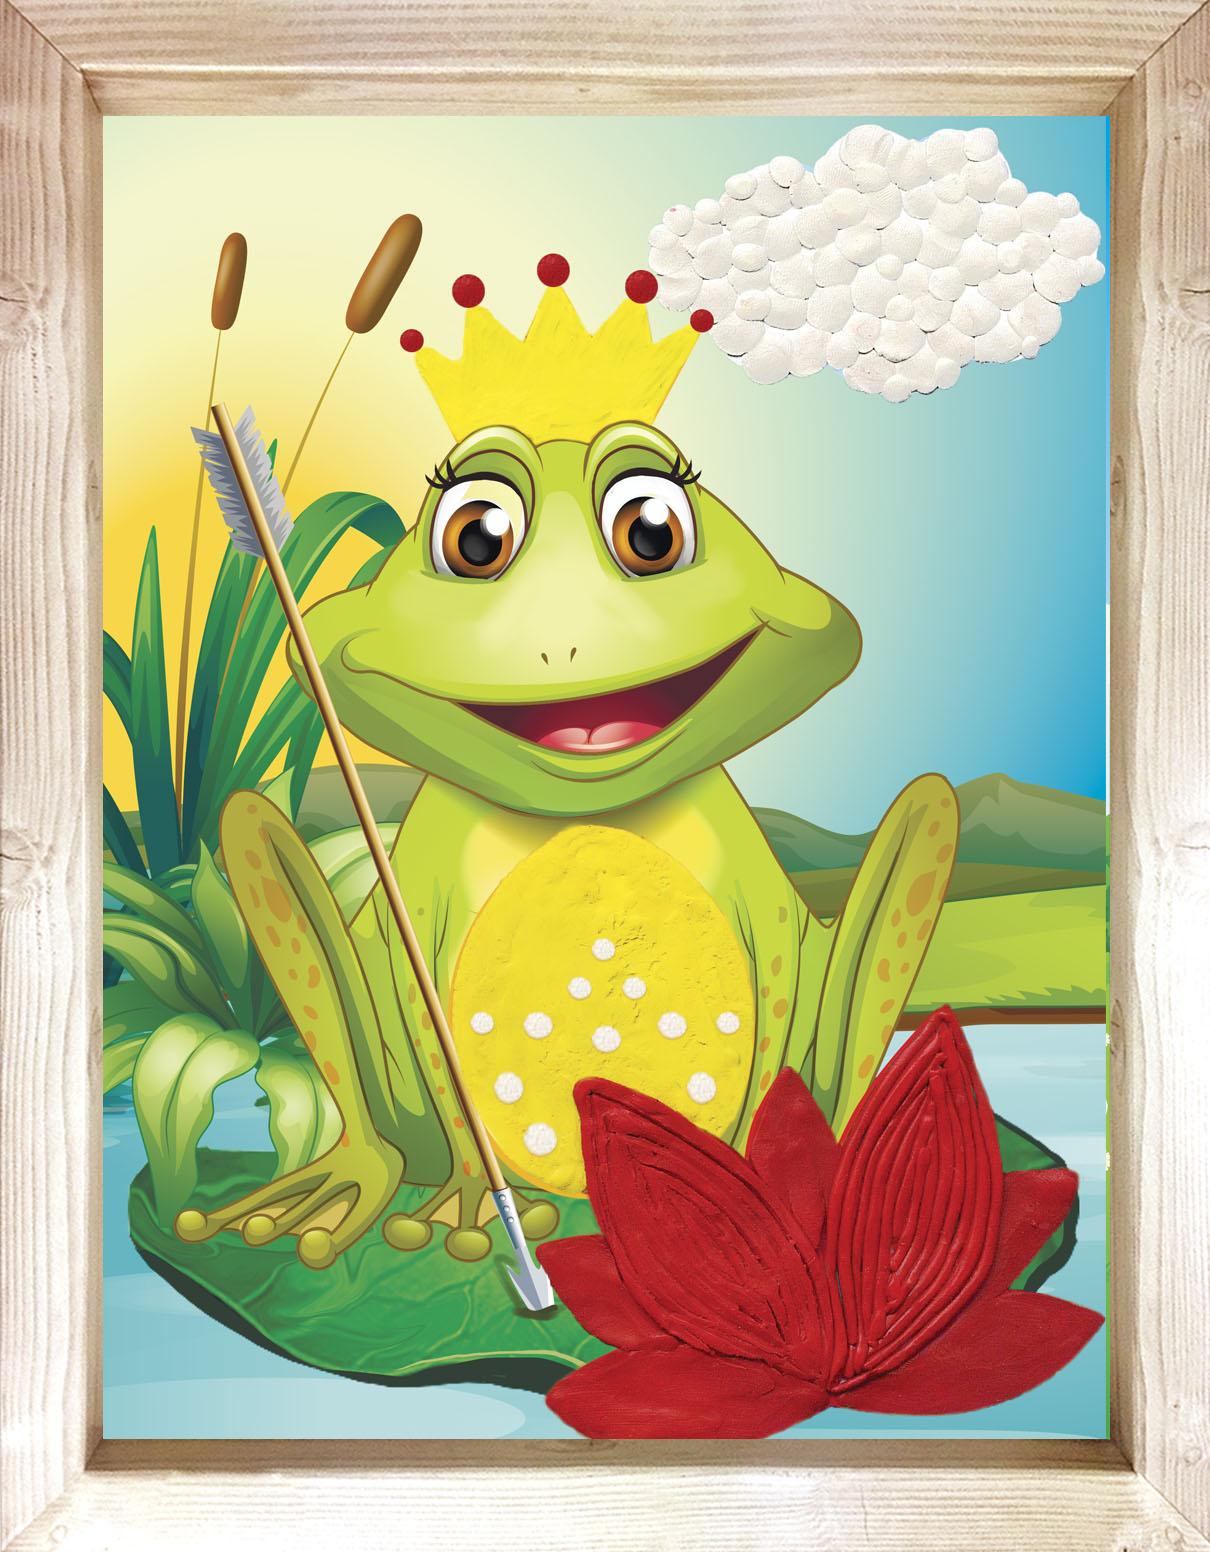 тот картинка царевны лягушки для аппликации того, что